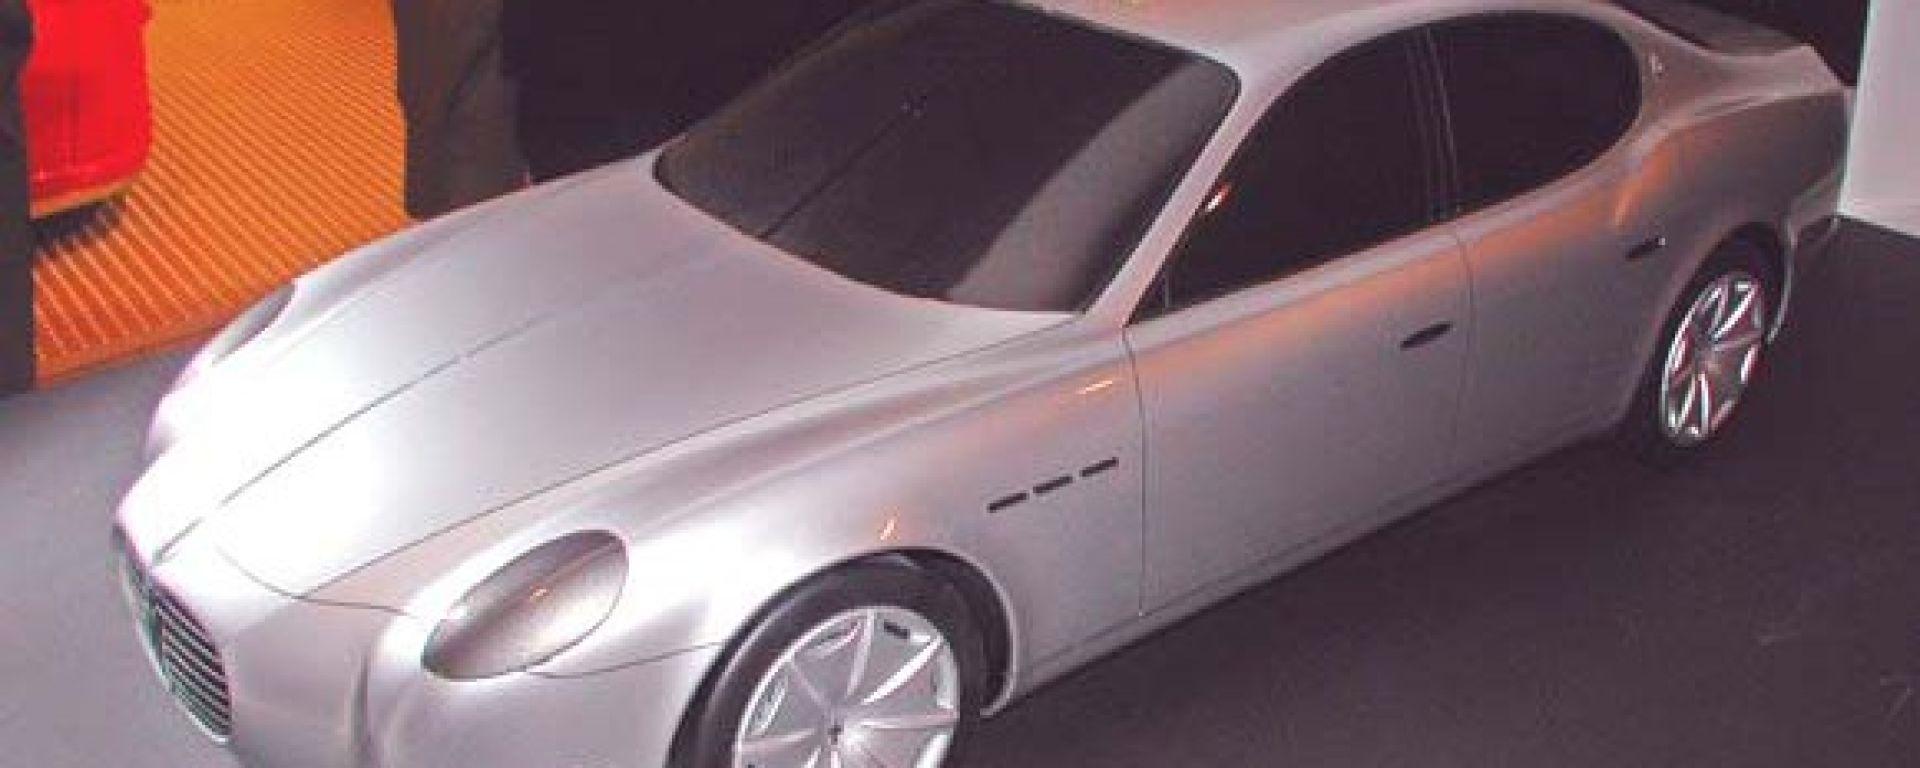 Esclusivo: le prime foto della nuova Maserati Quattroporte